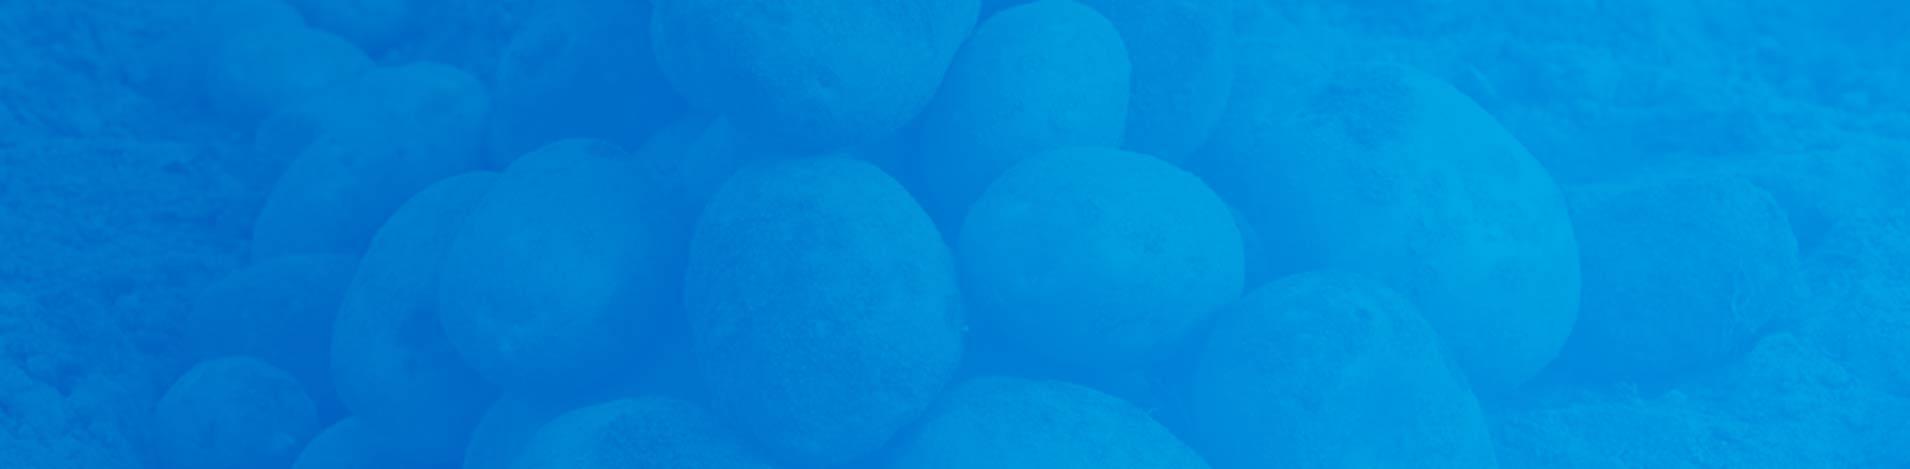 Aviko aardappelen - blauw